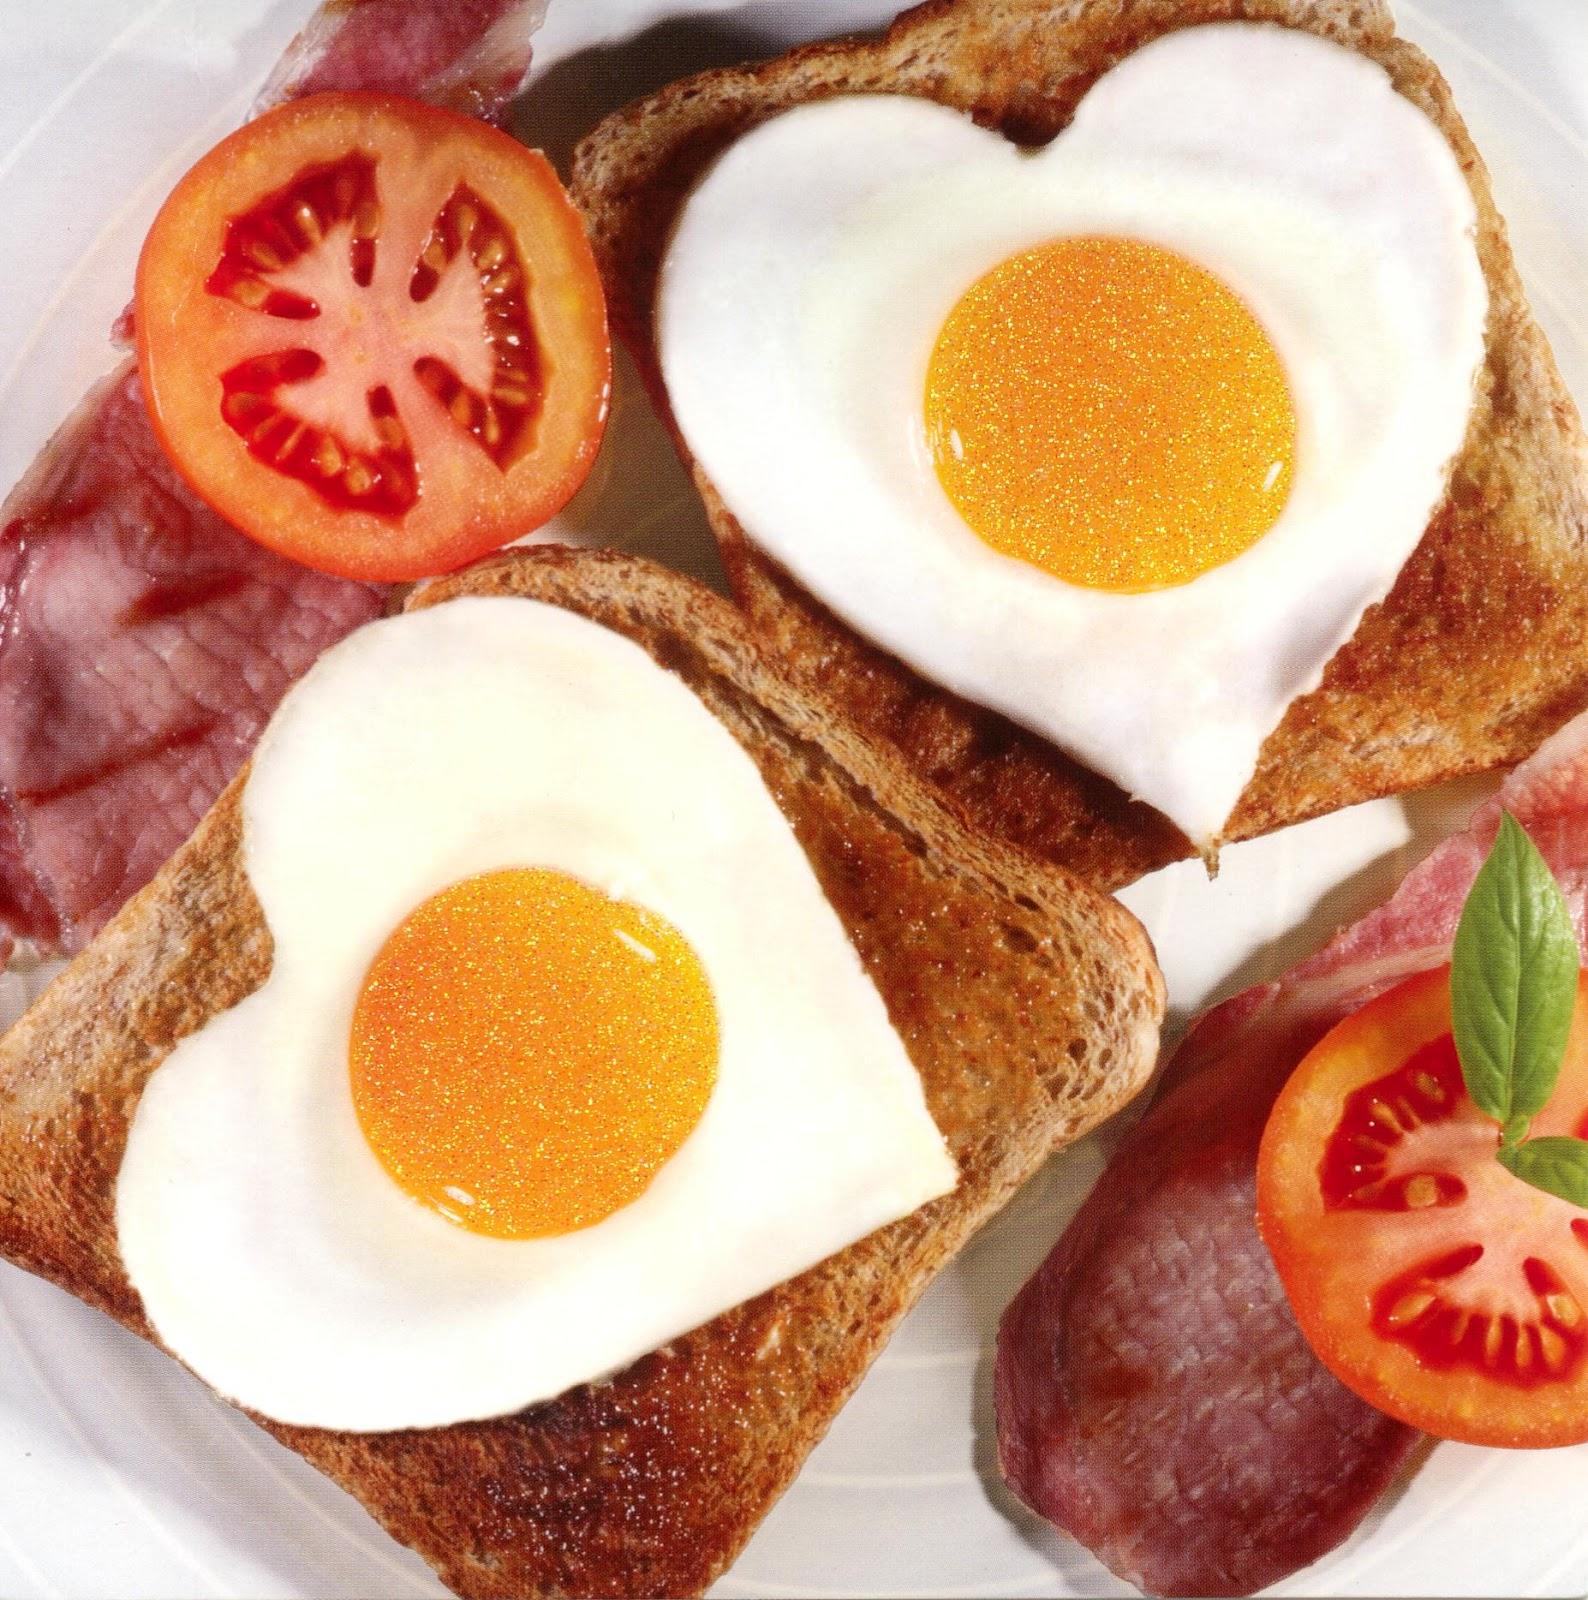 Http Fitandfrugirl Blogspot Com 2012 08 Breakfast Ideas Html